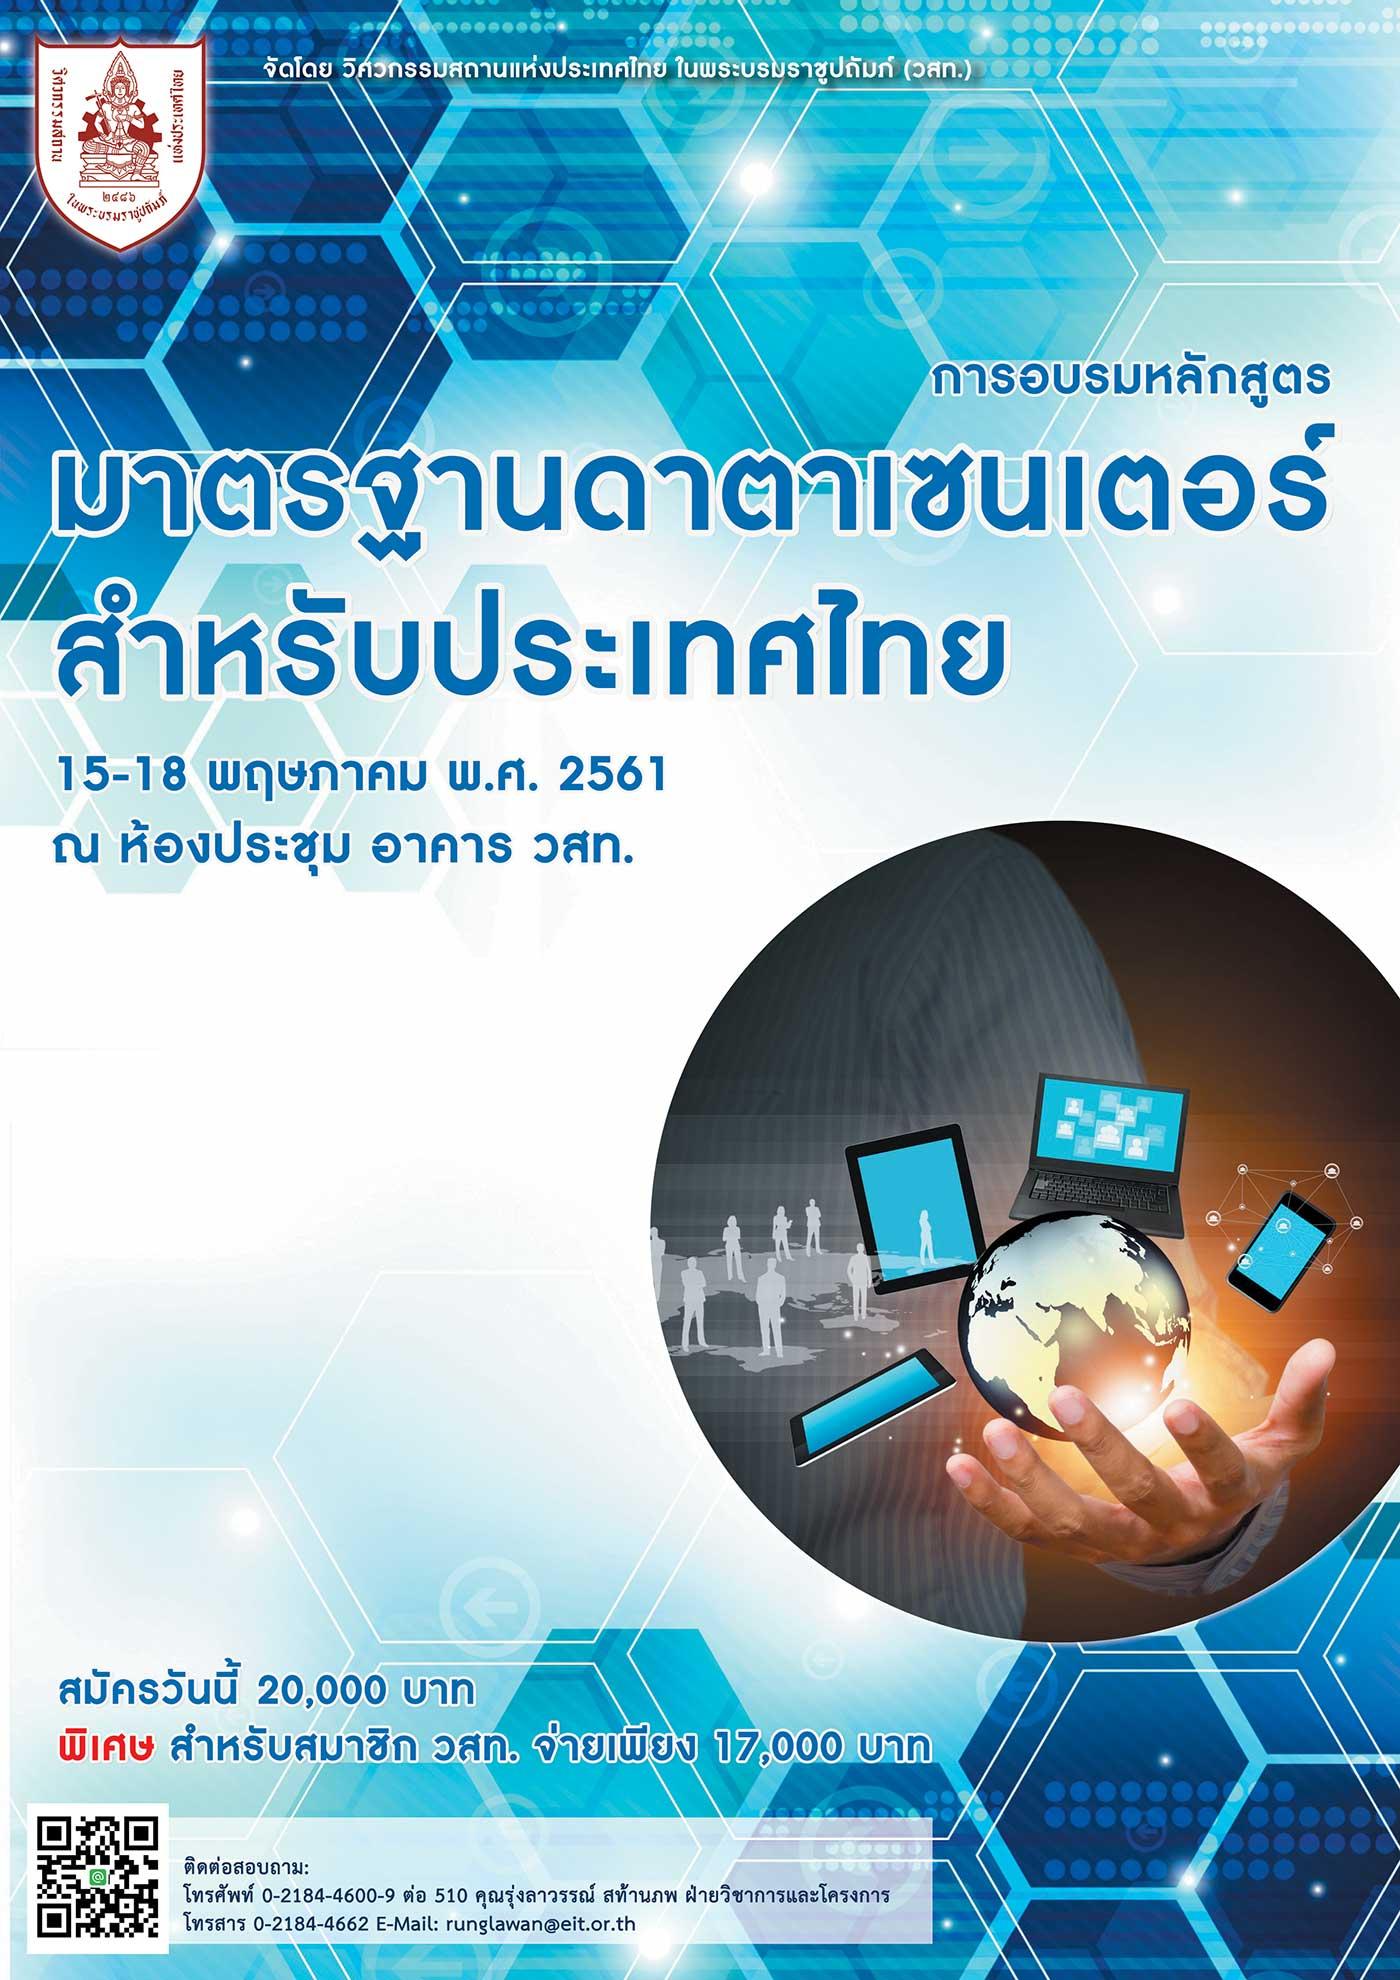 15-18/05/2561 การอบรมหลักสูตร มาตรฐานดาตาเซนเตอร์สำหรับประเทศไทย รุ่นที่ 1 ขอเลื่อนเป็น 12-15 มิถุนายน 2561